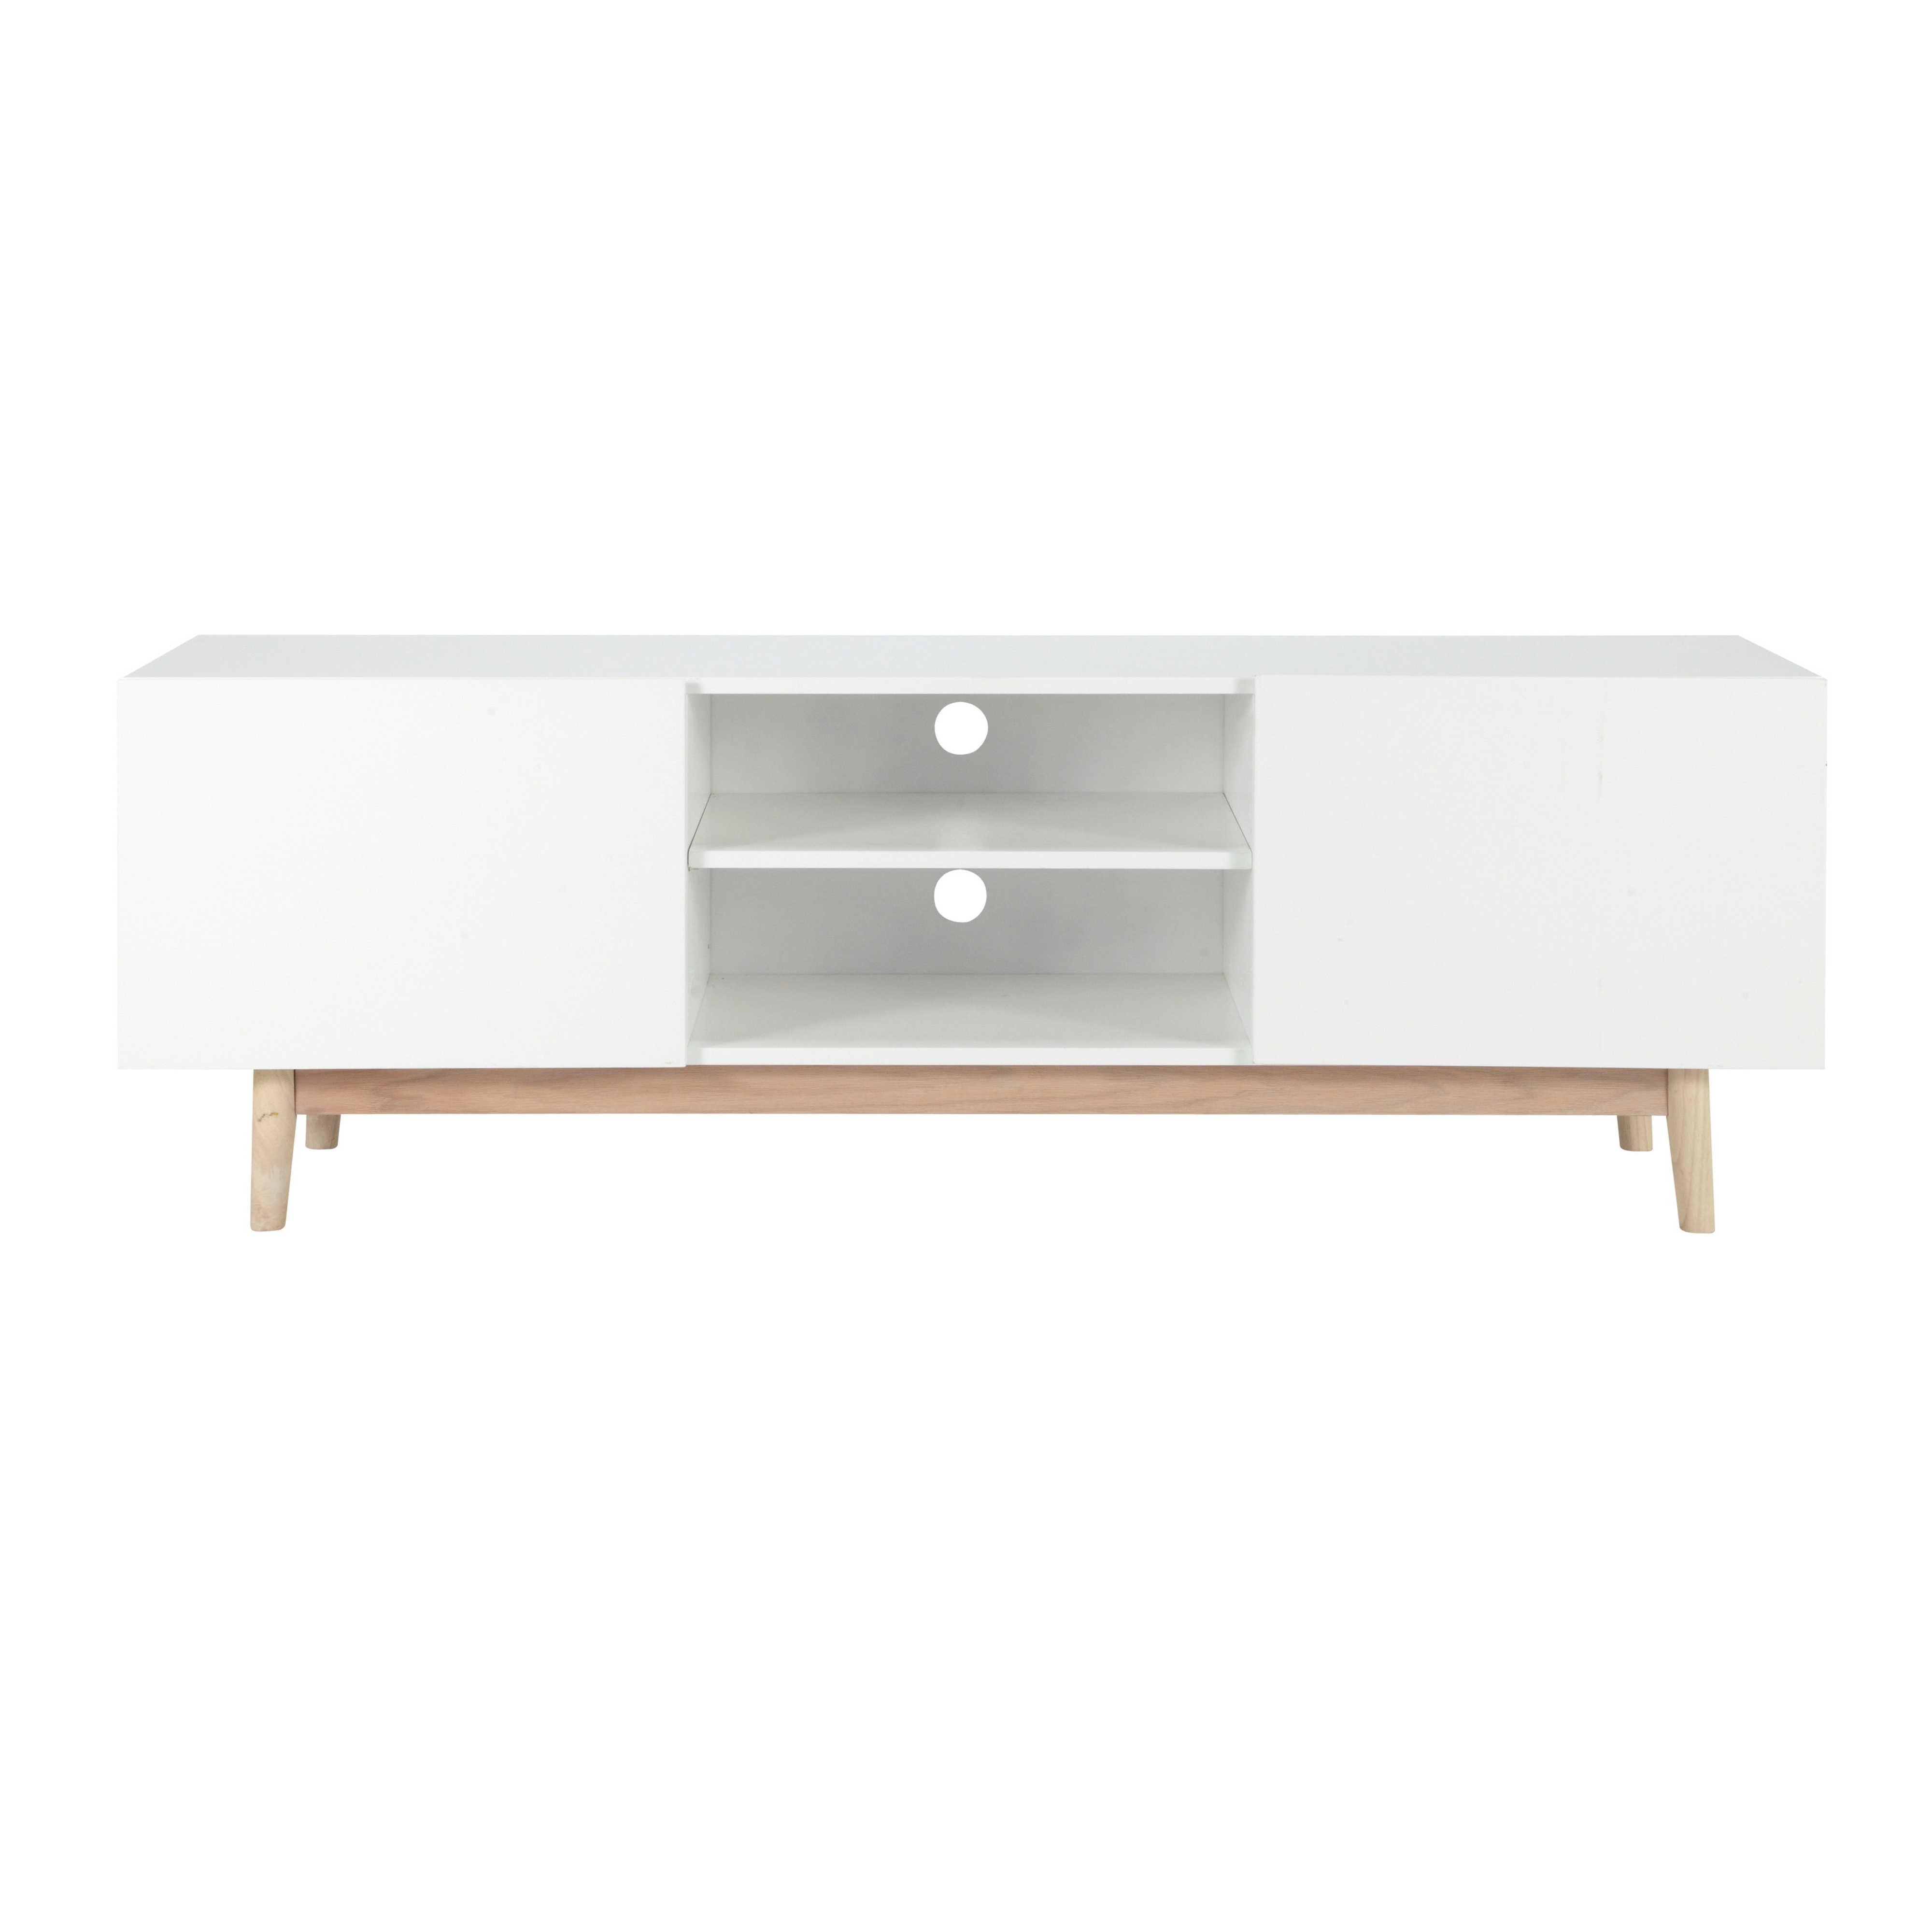 Meuble Tv Tres Fin Mobilier Design D Coration D Int Rieur # Meuble Bois Pour La Television